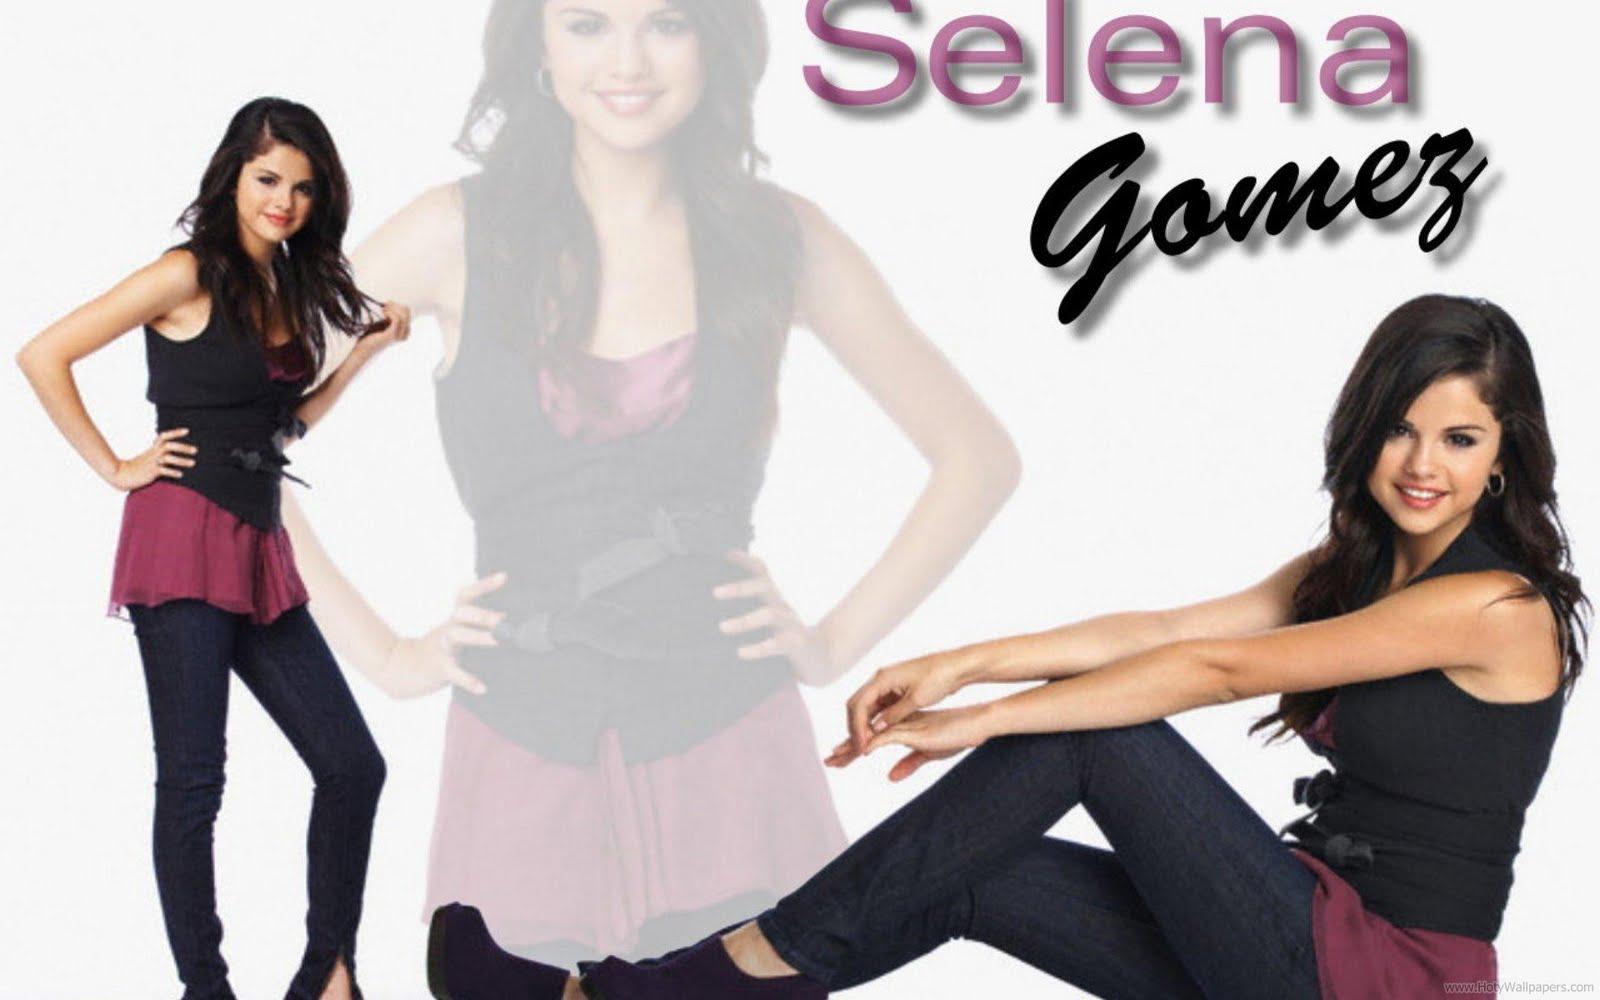 http://4.bp.blogspot.com/-4l_N0pmx-Yg/TxA-lNl5aDI/AAAAAAAAB4o/SZo_0laAarw/s1600/Selena_Gomez_latest_wallpaper_Kiss_and_Tell_Album.jpg